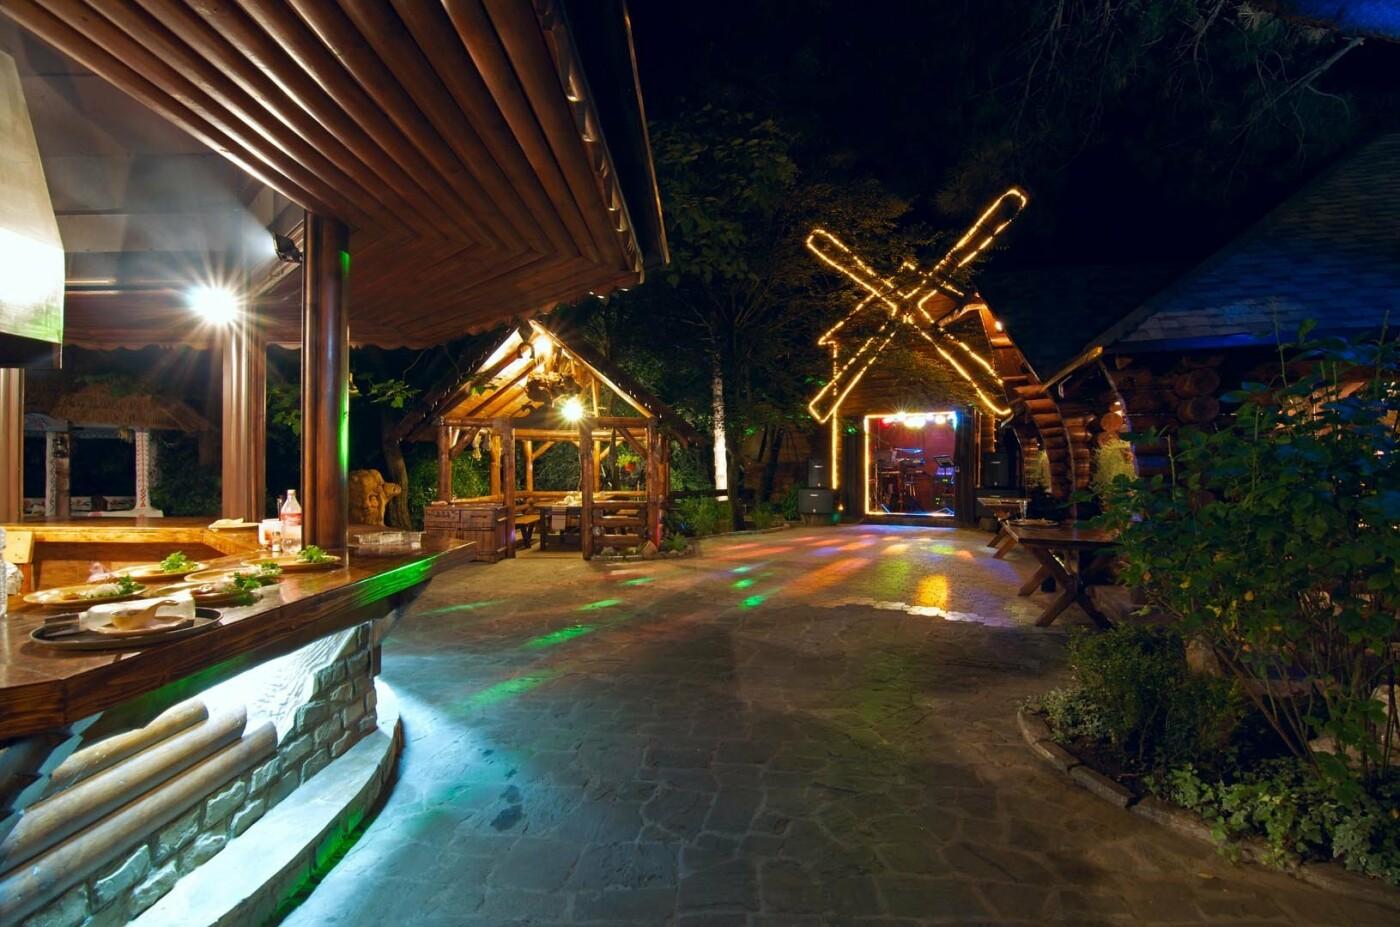 Ресторан «Горный ручей» в Ялте открыл сезон гастрономических встреч , фото-3